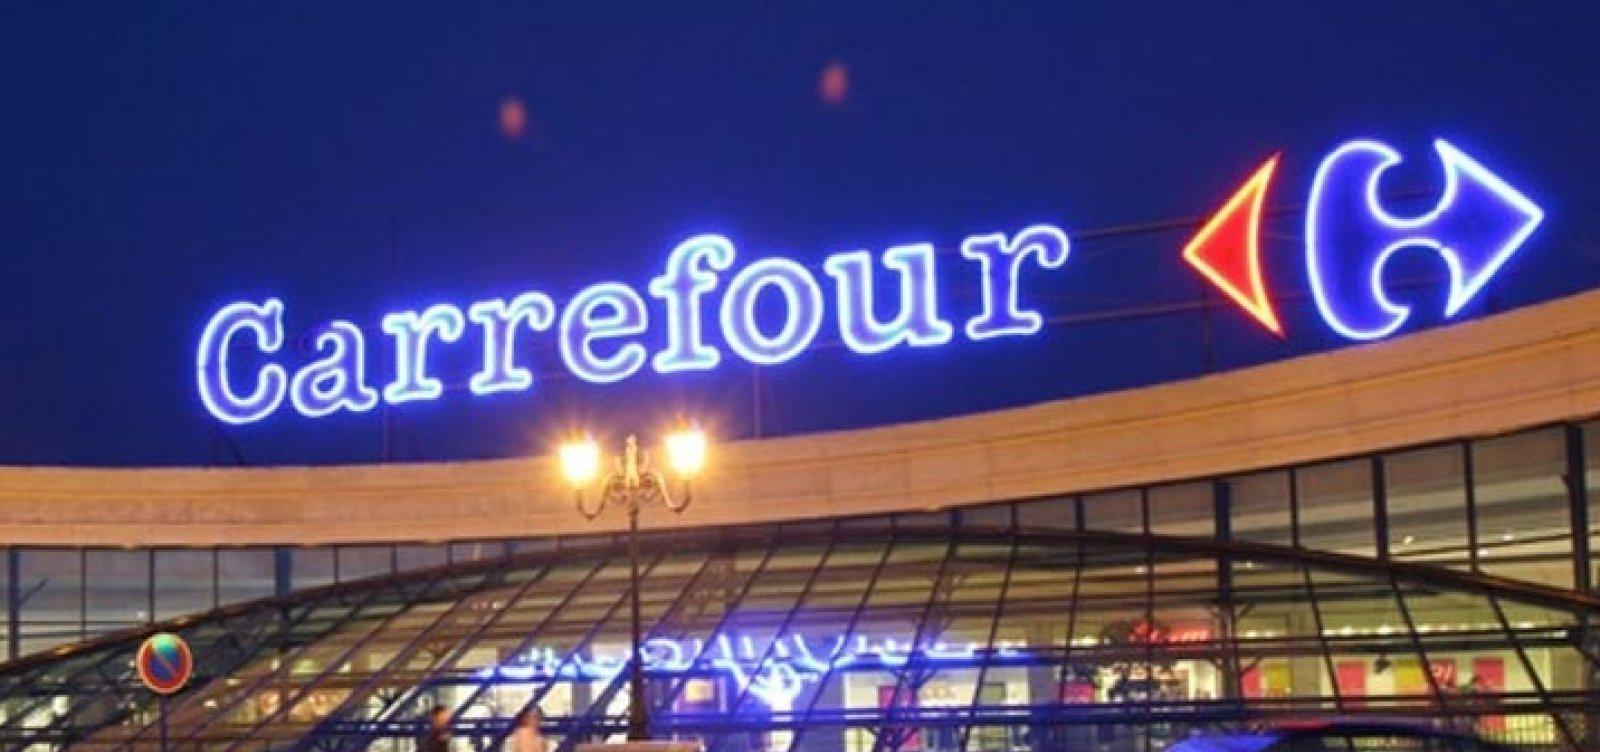 [MPT lamenta assassinato no Carrefour e diz que abordagem 'demonstra viés racista']